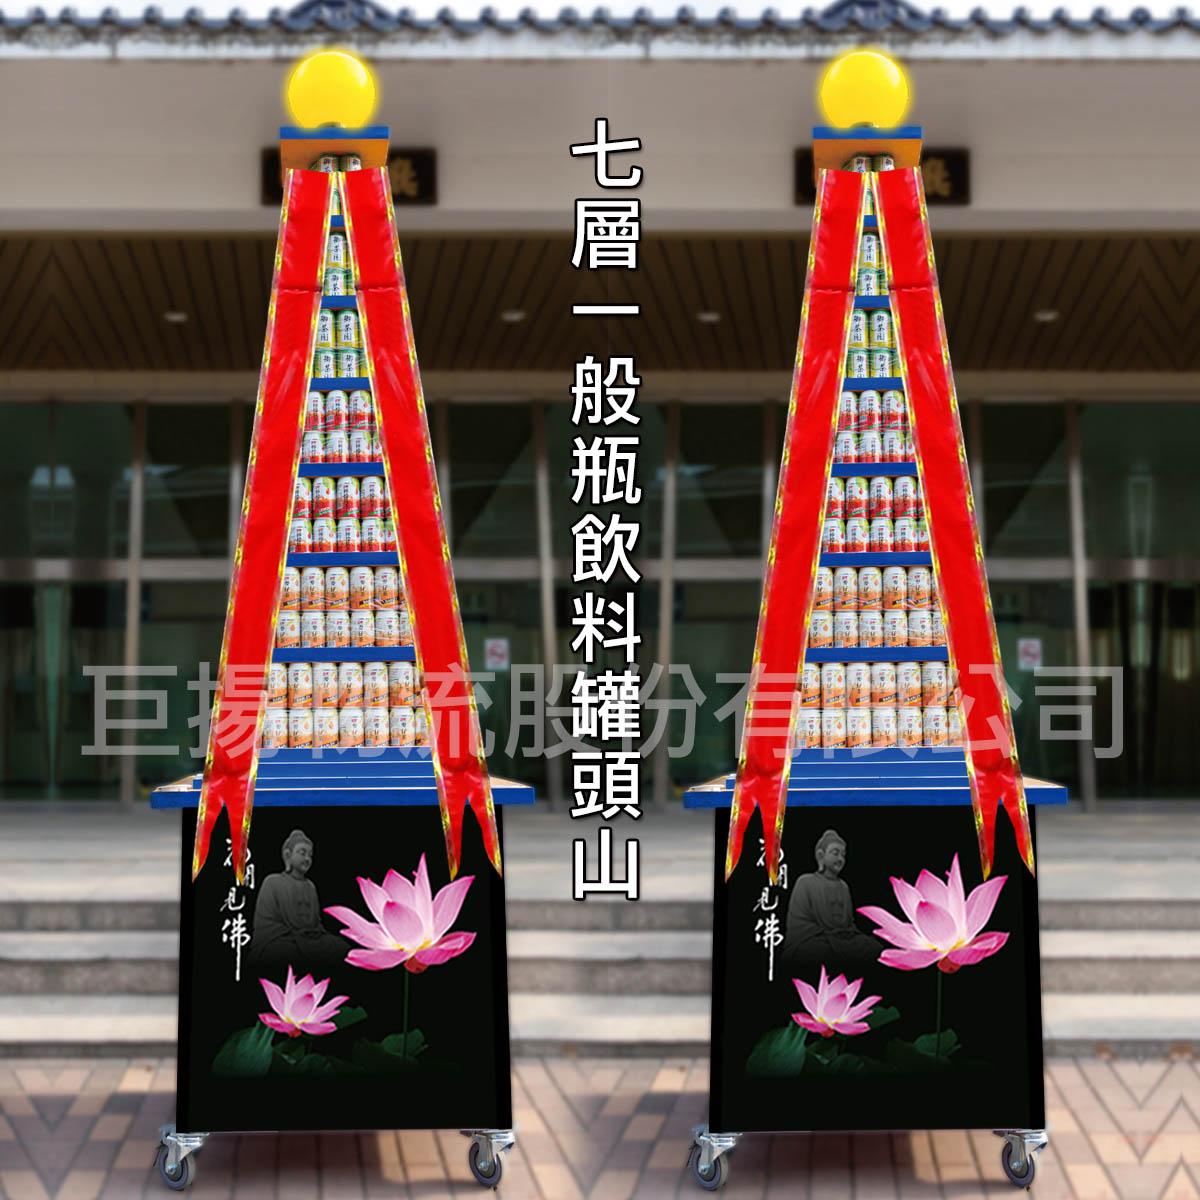 七層一般飲料燈光罐頭山蓮花led燈光柱1